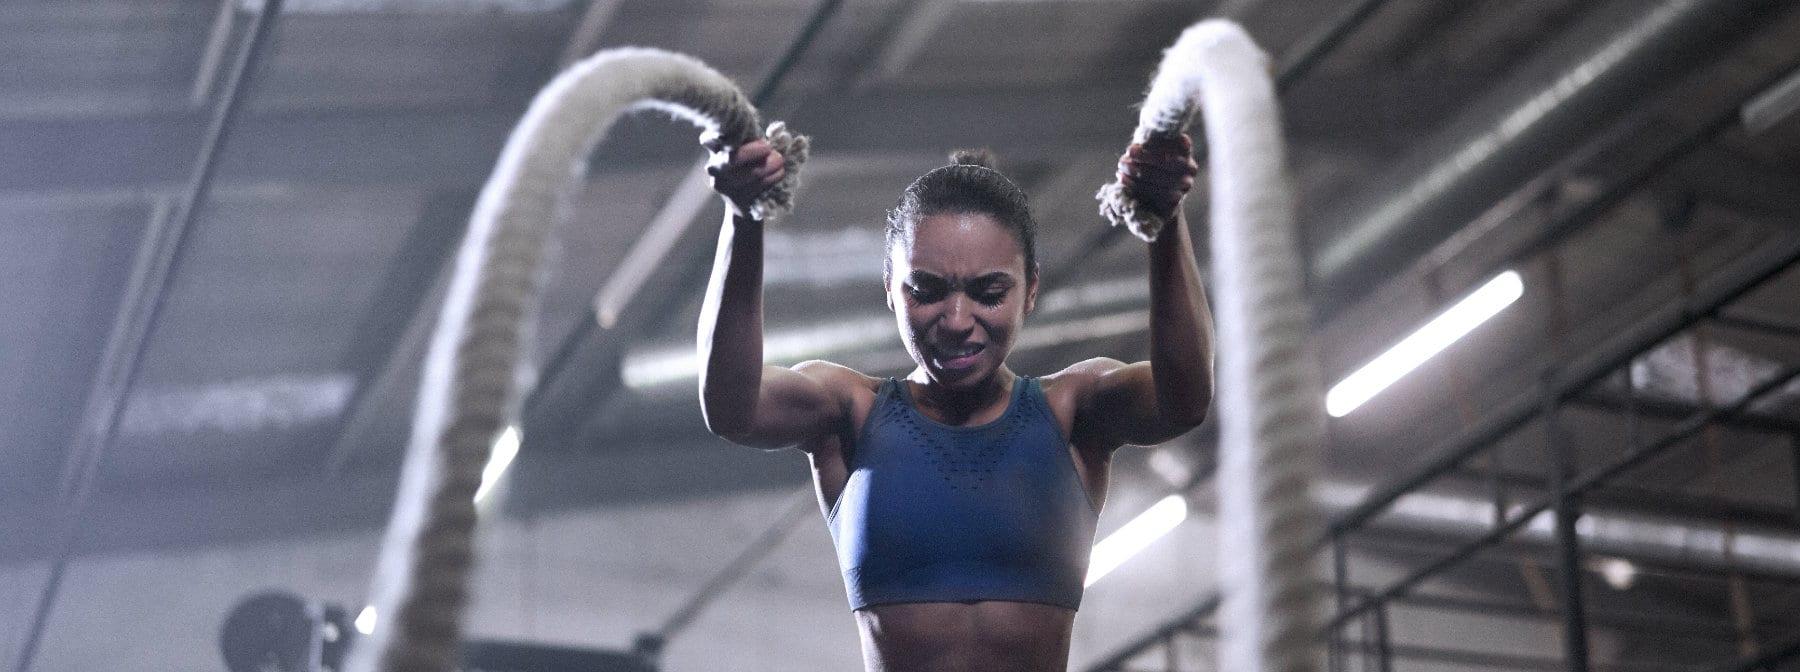 HIIT против LISS | Какая тренировка лучше сжигает жир?